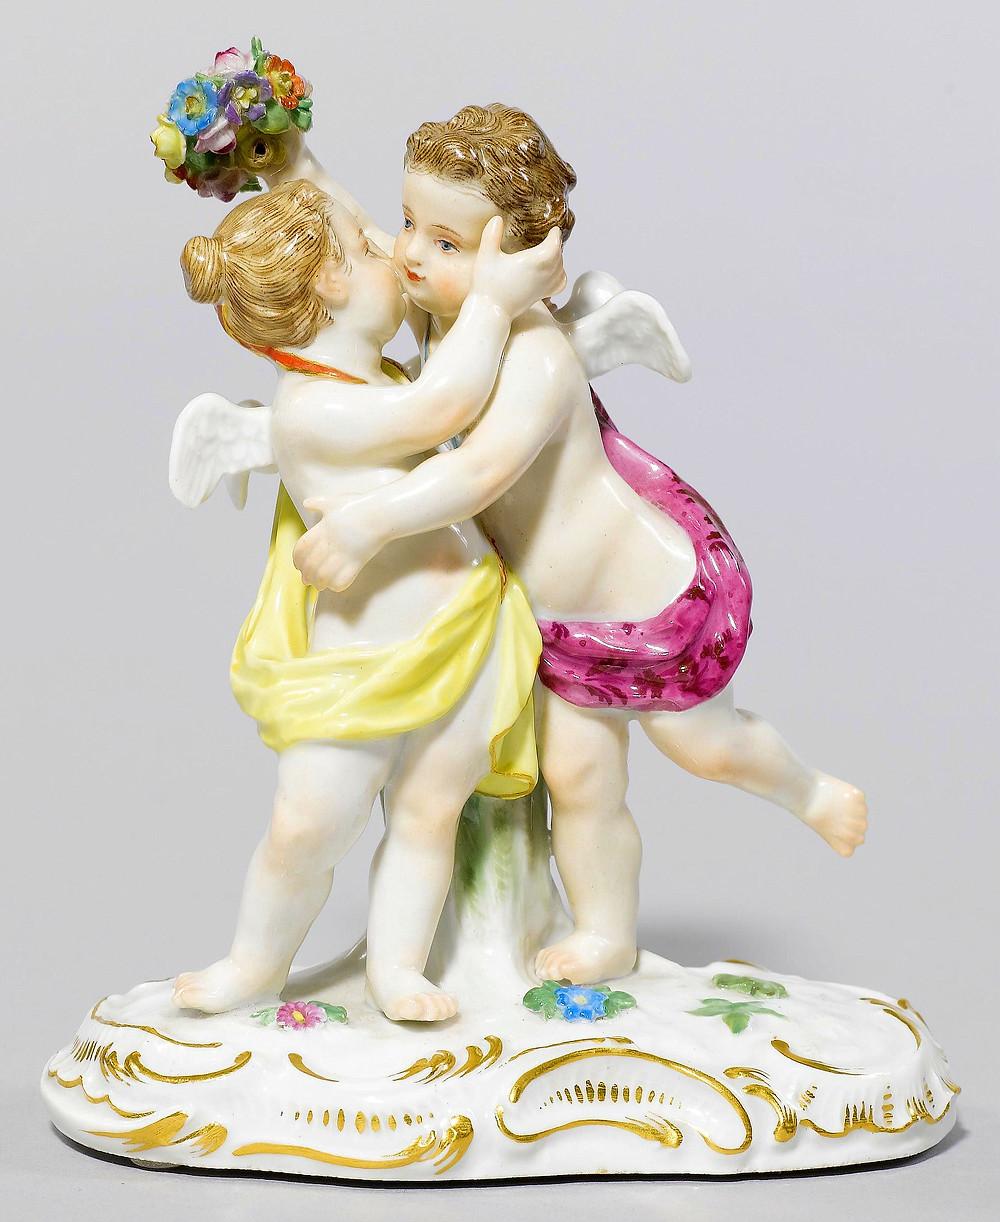 超希少 マイセン 珍品 meissen グループフィギュリン 古典 フィギュリン 18世紀 人形 入荷予定 ケンドラー 日本未発売 kaendler 王侯貴族文化 古マイセン 新古典主義 19世紀 天使群像 天使 寓意